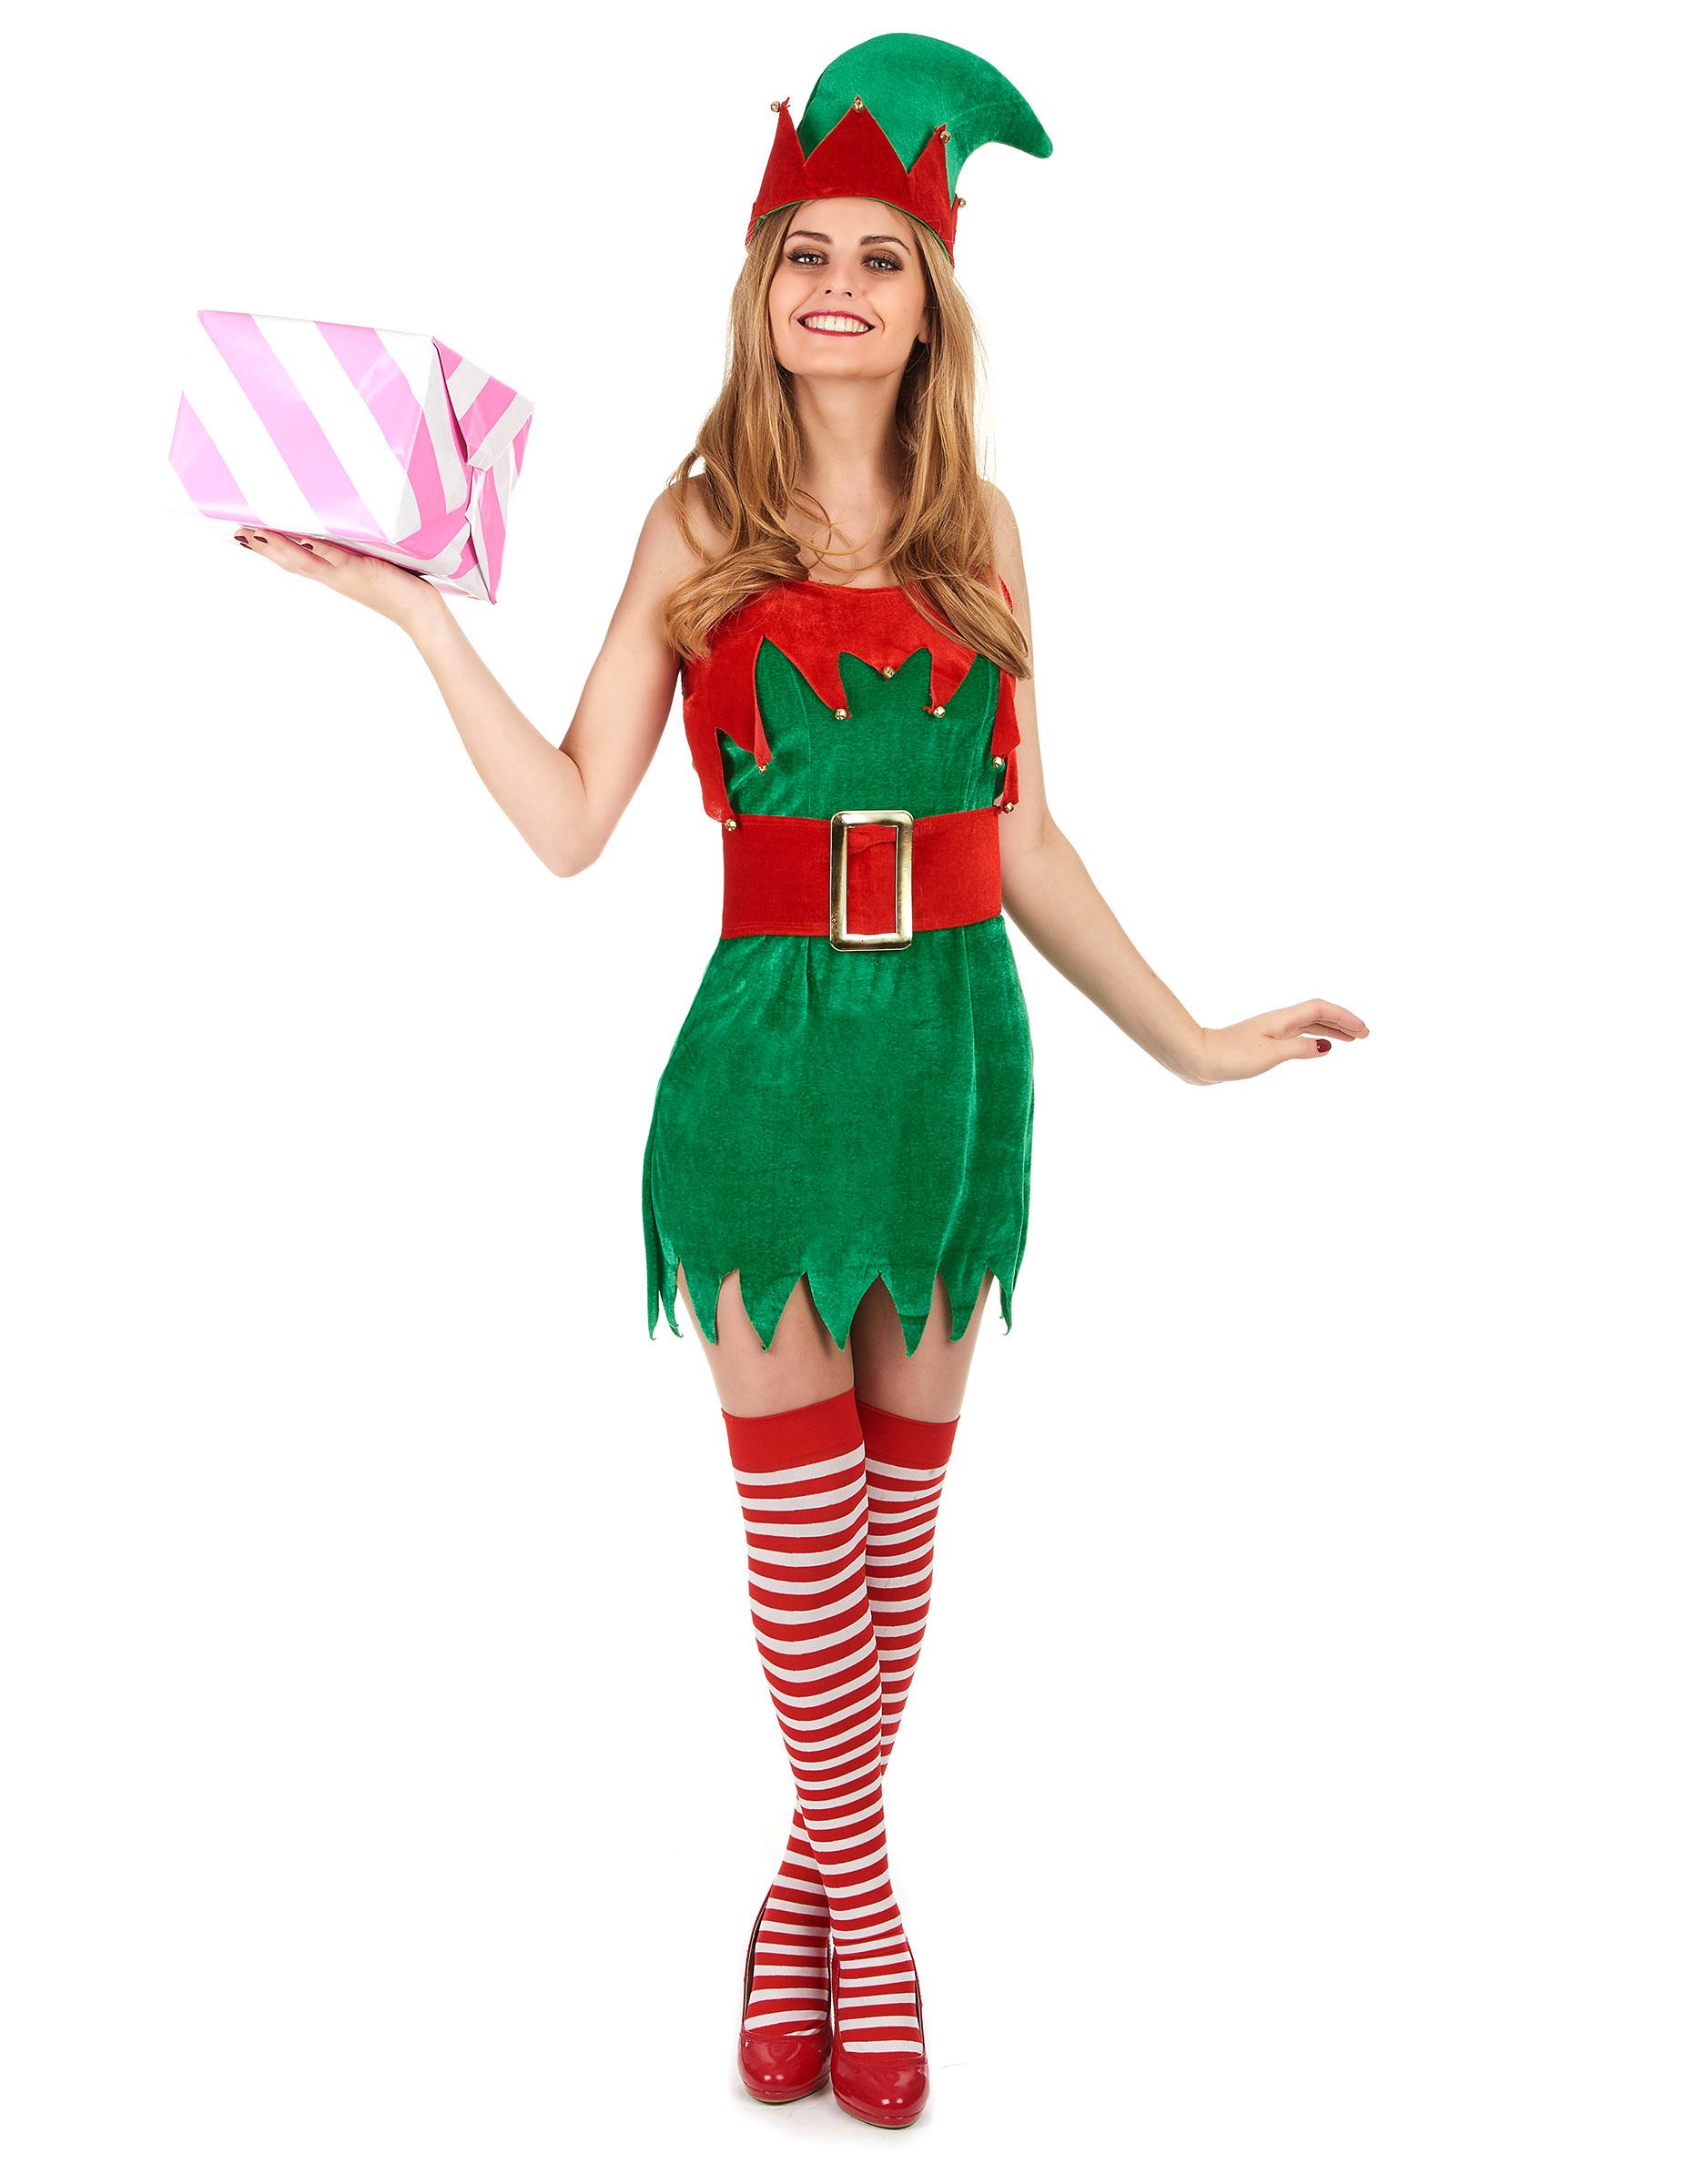 Disfraz de duende de navidad para mujer disfraces adultos - Disfraces para navidad ...